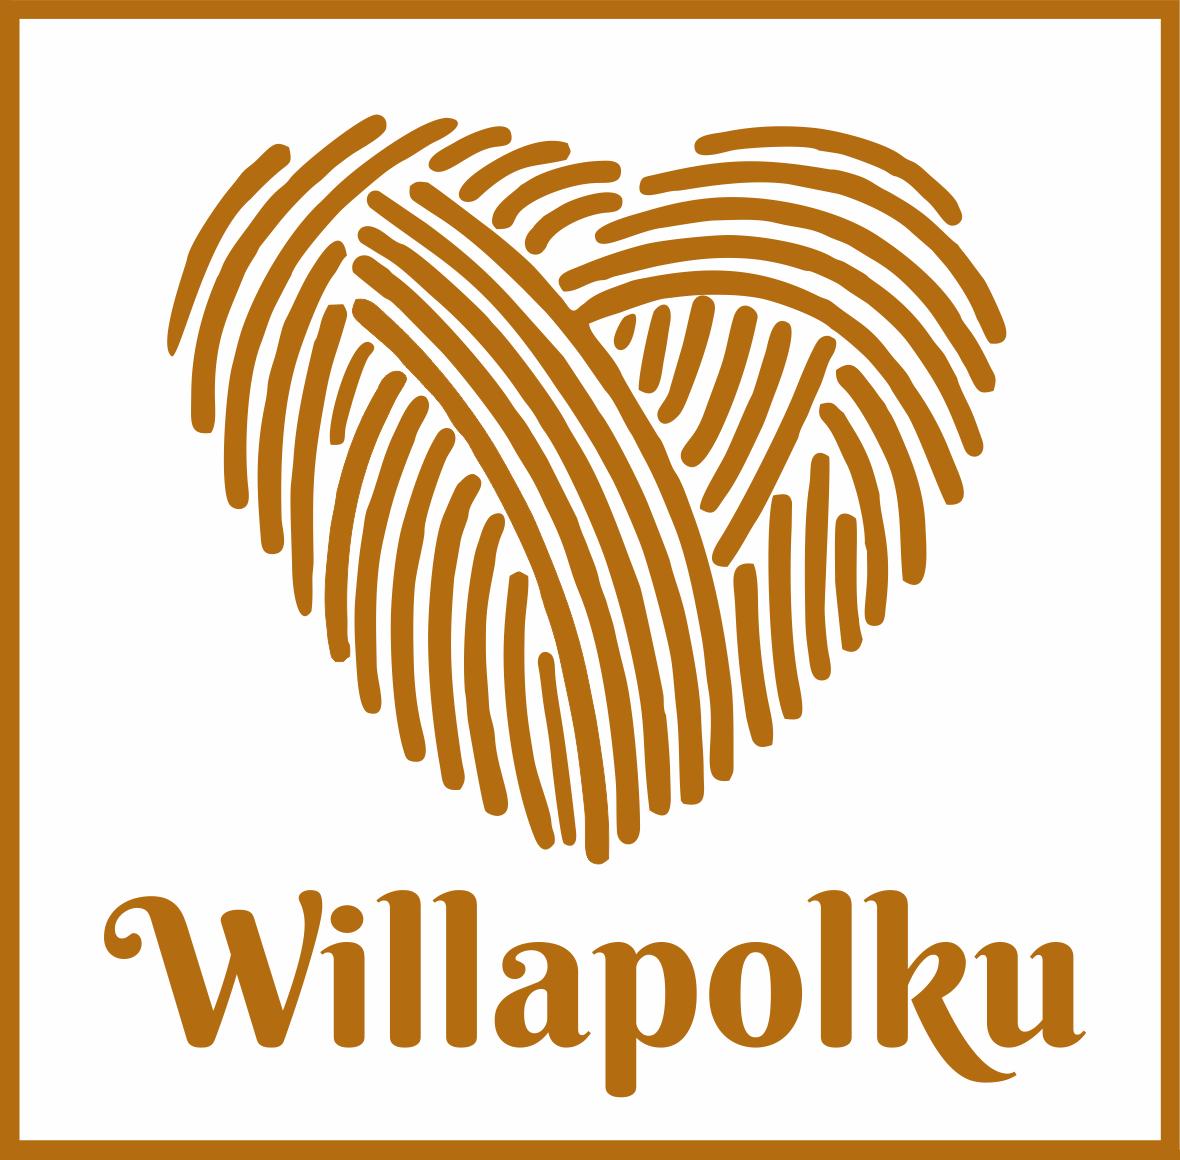 Willapolku